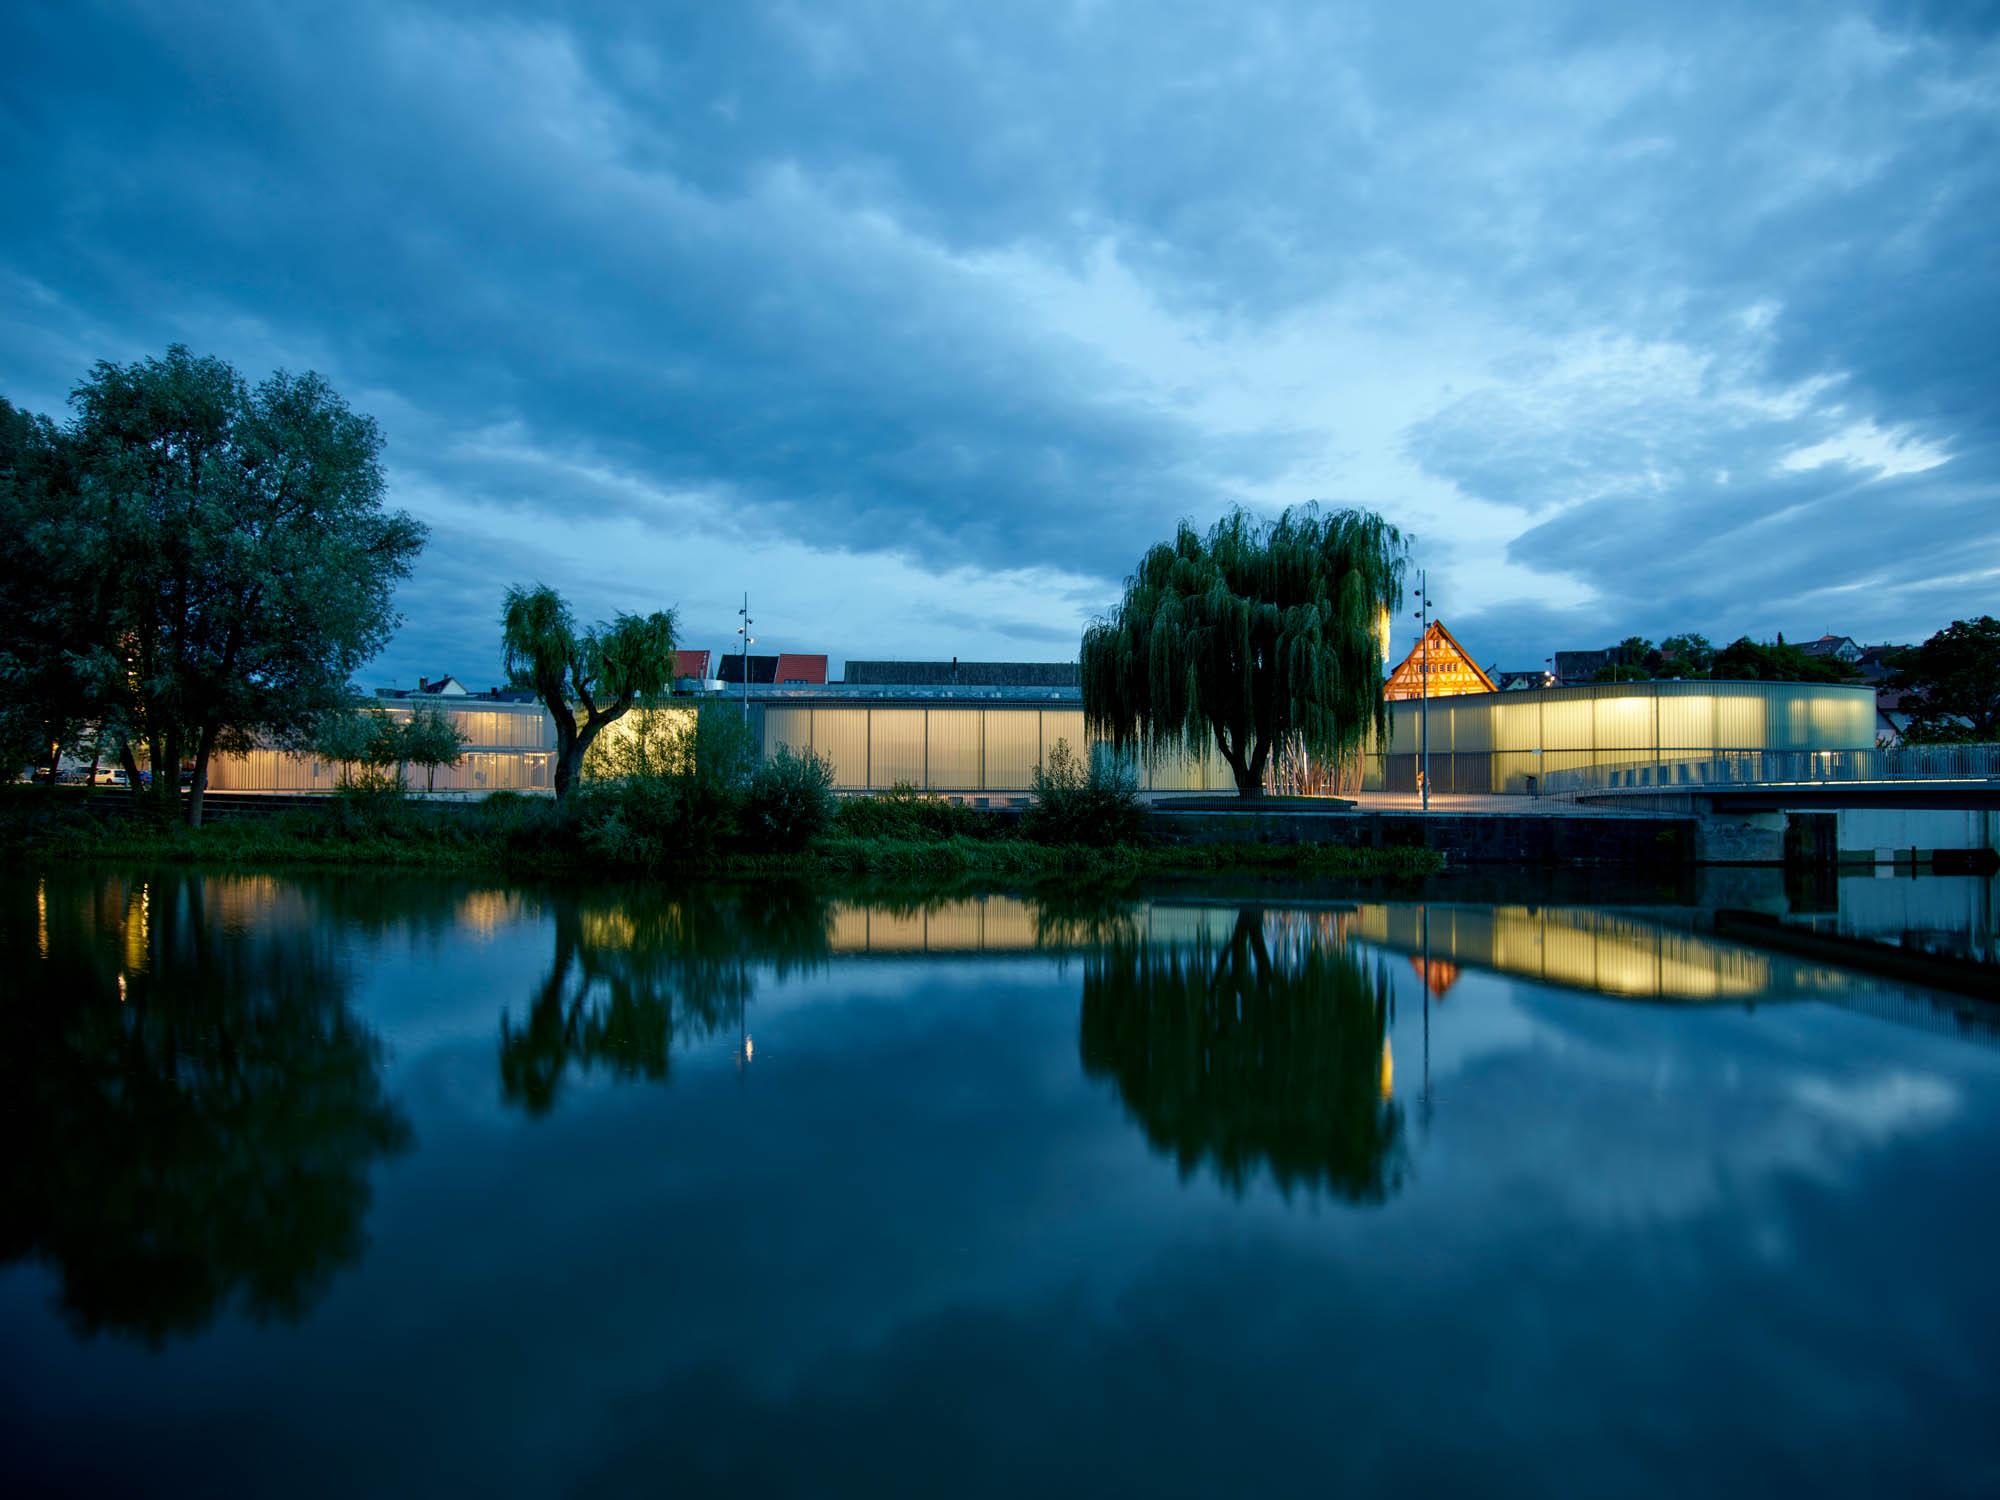 OPP 170906 0068 - Galerie Stihl Waiblingen und Eva Mayr-Stihl Stiftung: leuchtendes Ensemble